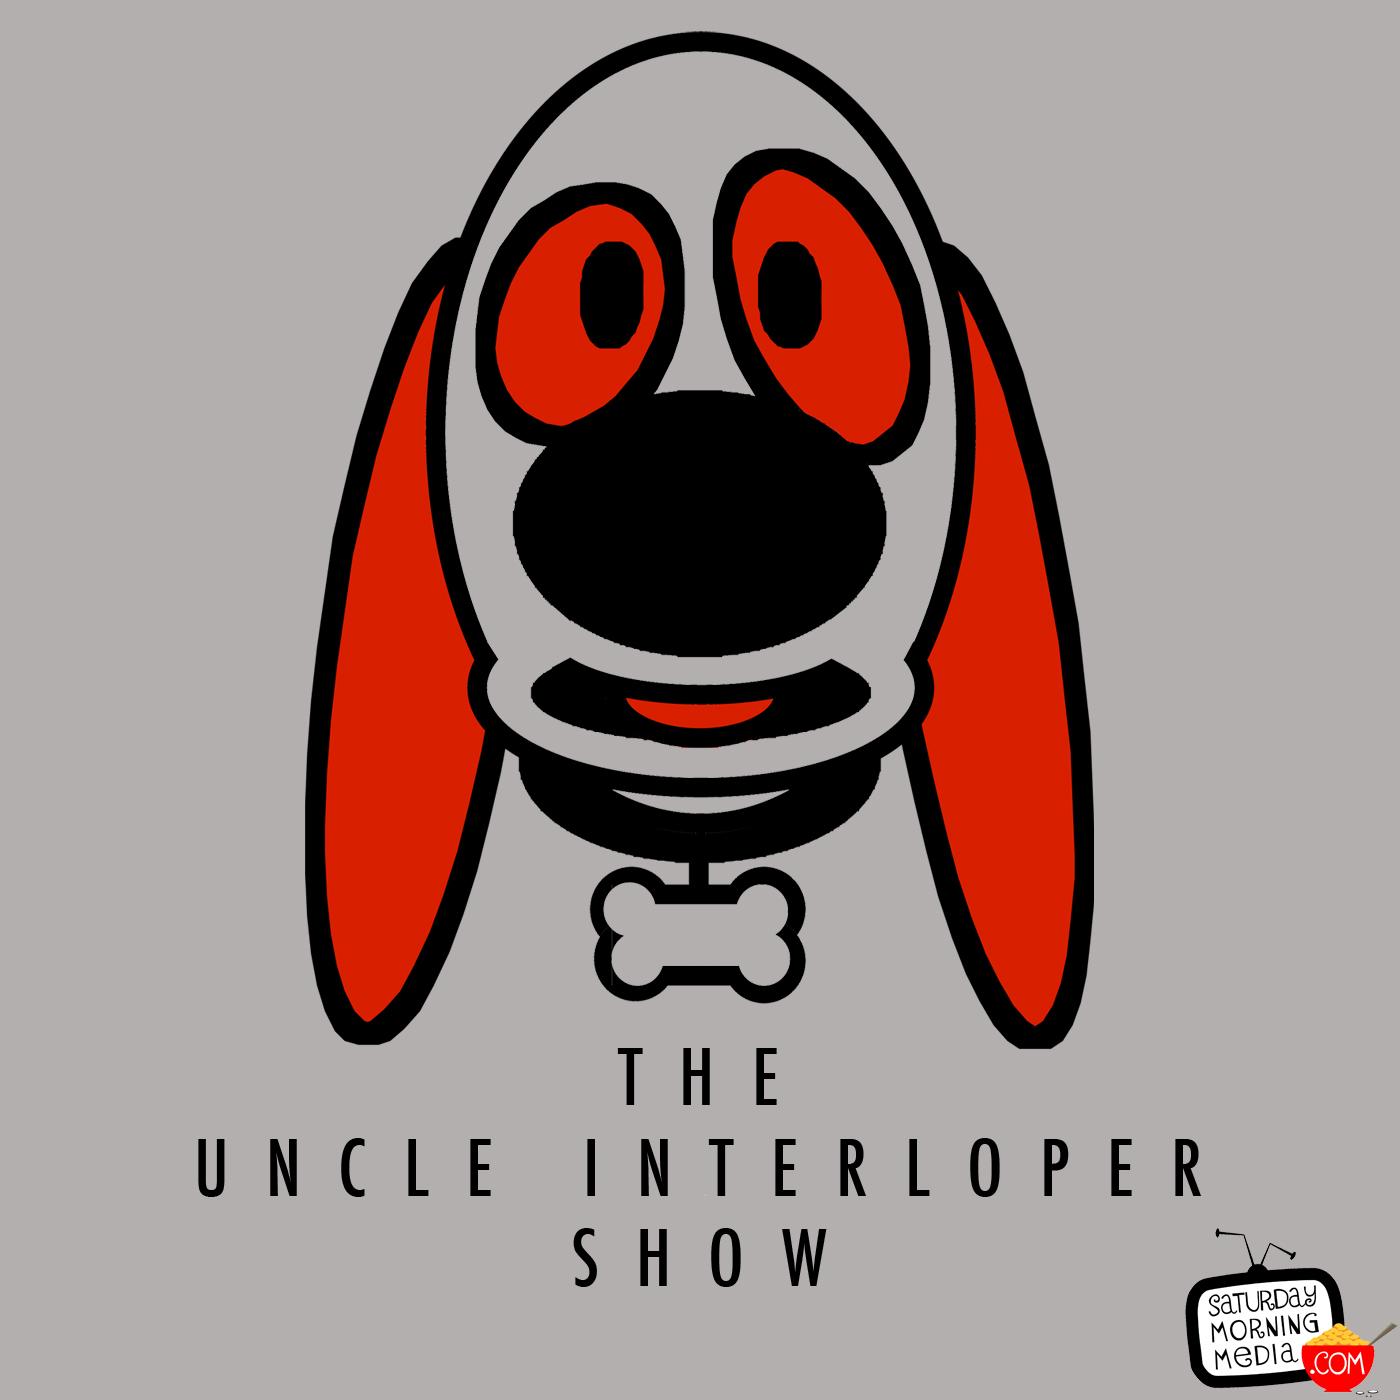 The Uncle Interloper Show